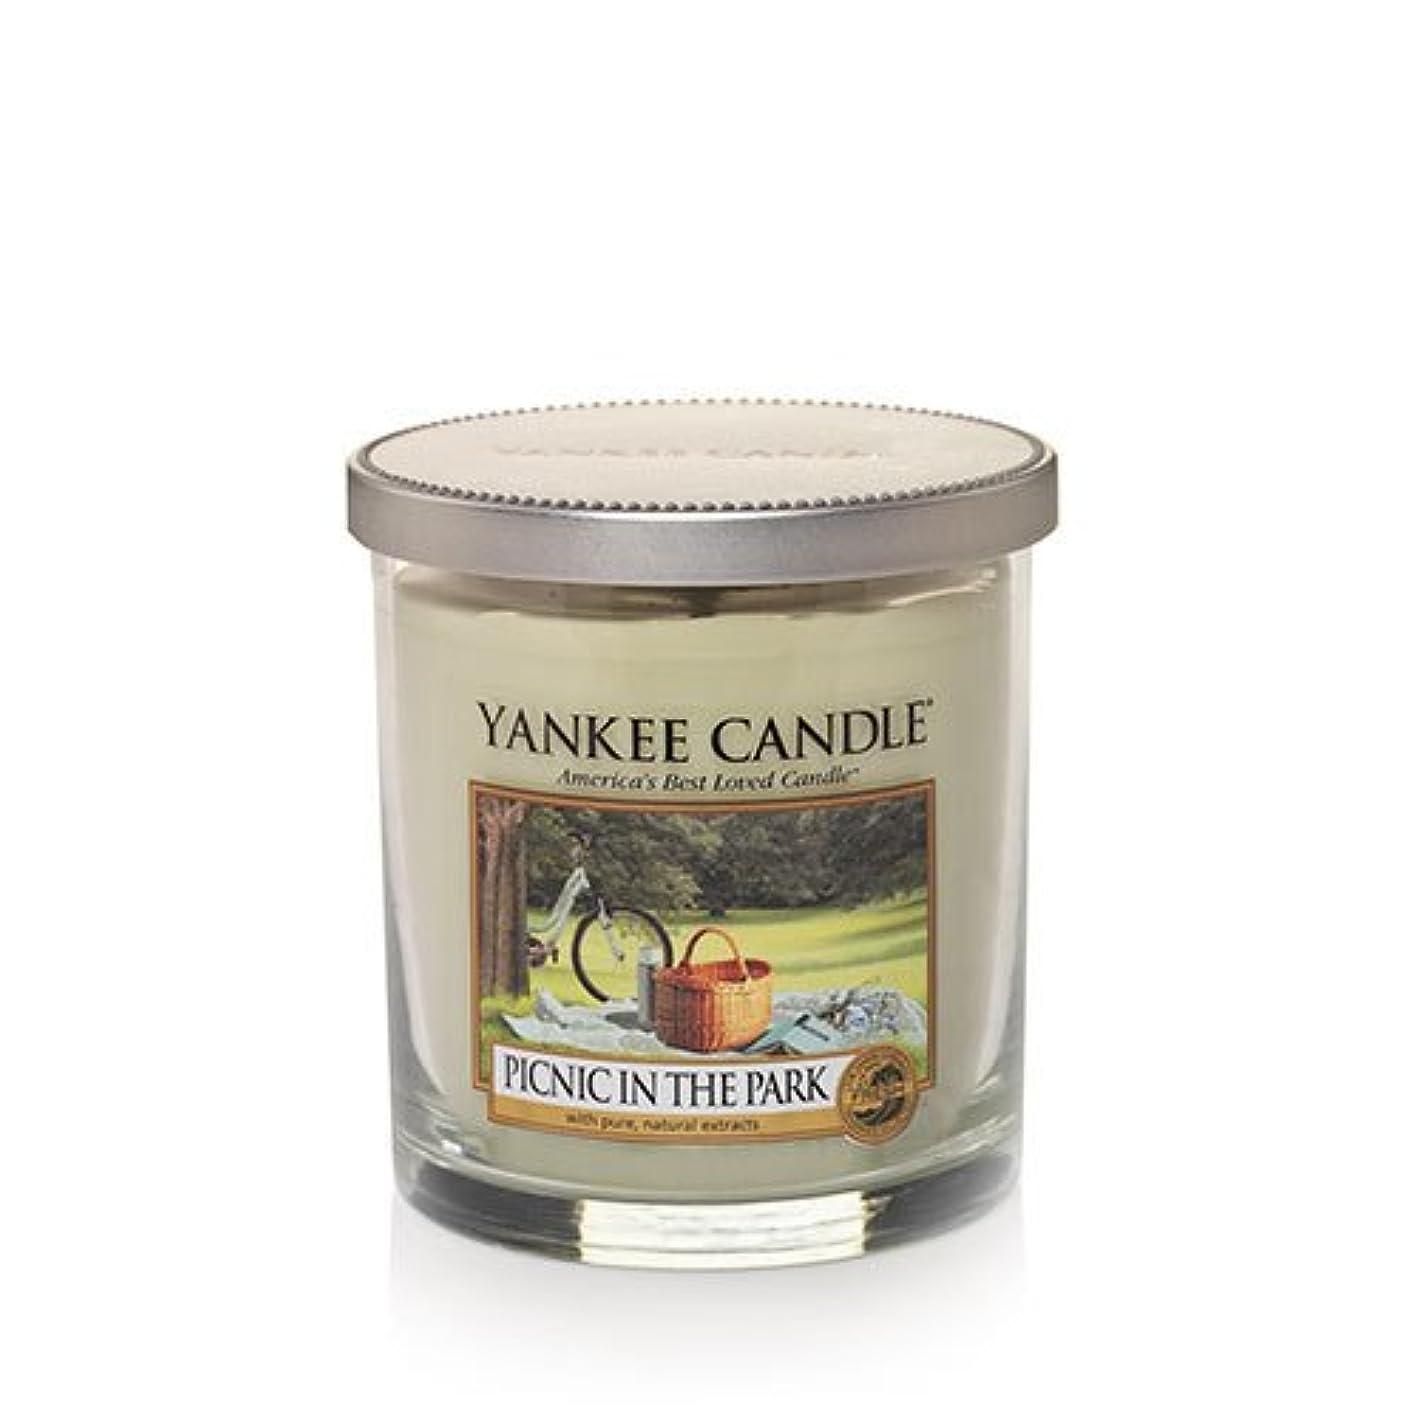 選ぶフォーラム生態学Yankee Candleピクニック公園で、新鮮な香り Small Tumbler Candles 1323009-YC